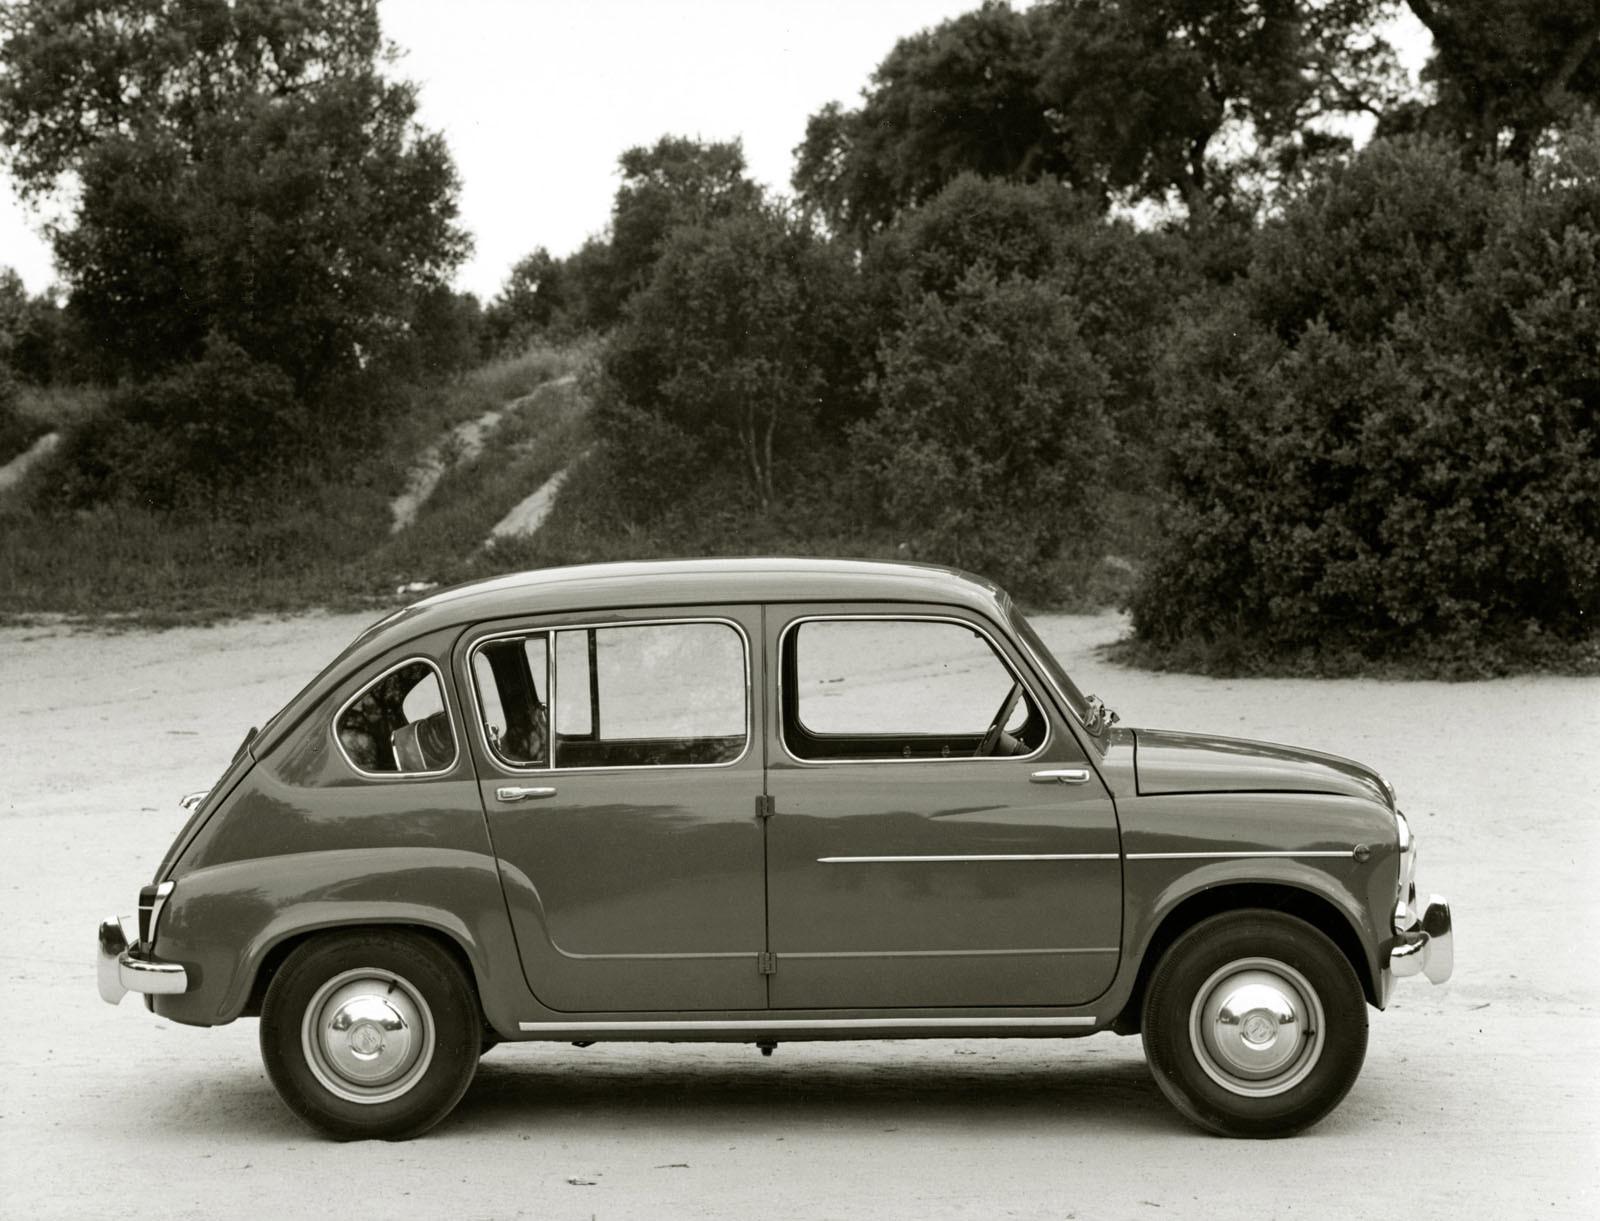 Foto de SEAT 600 (50 Aniversario) (46/64)